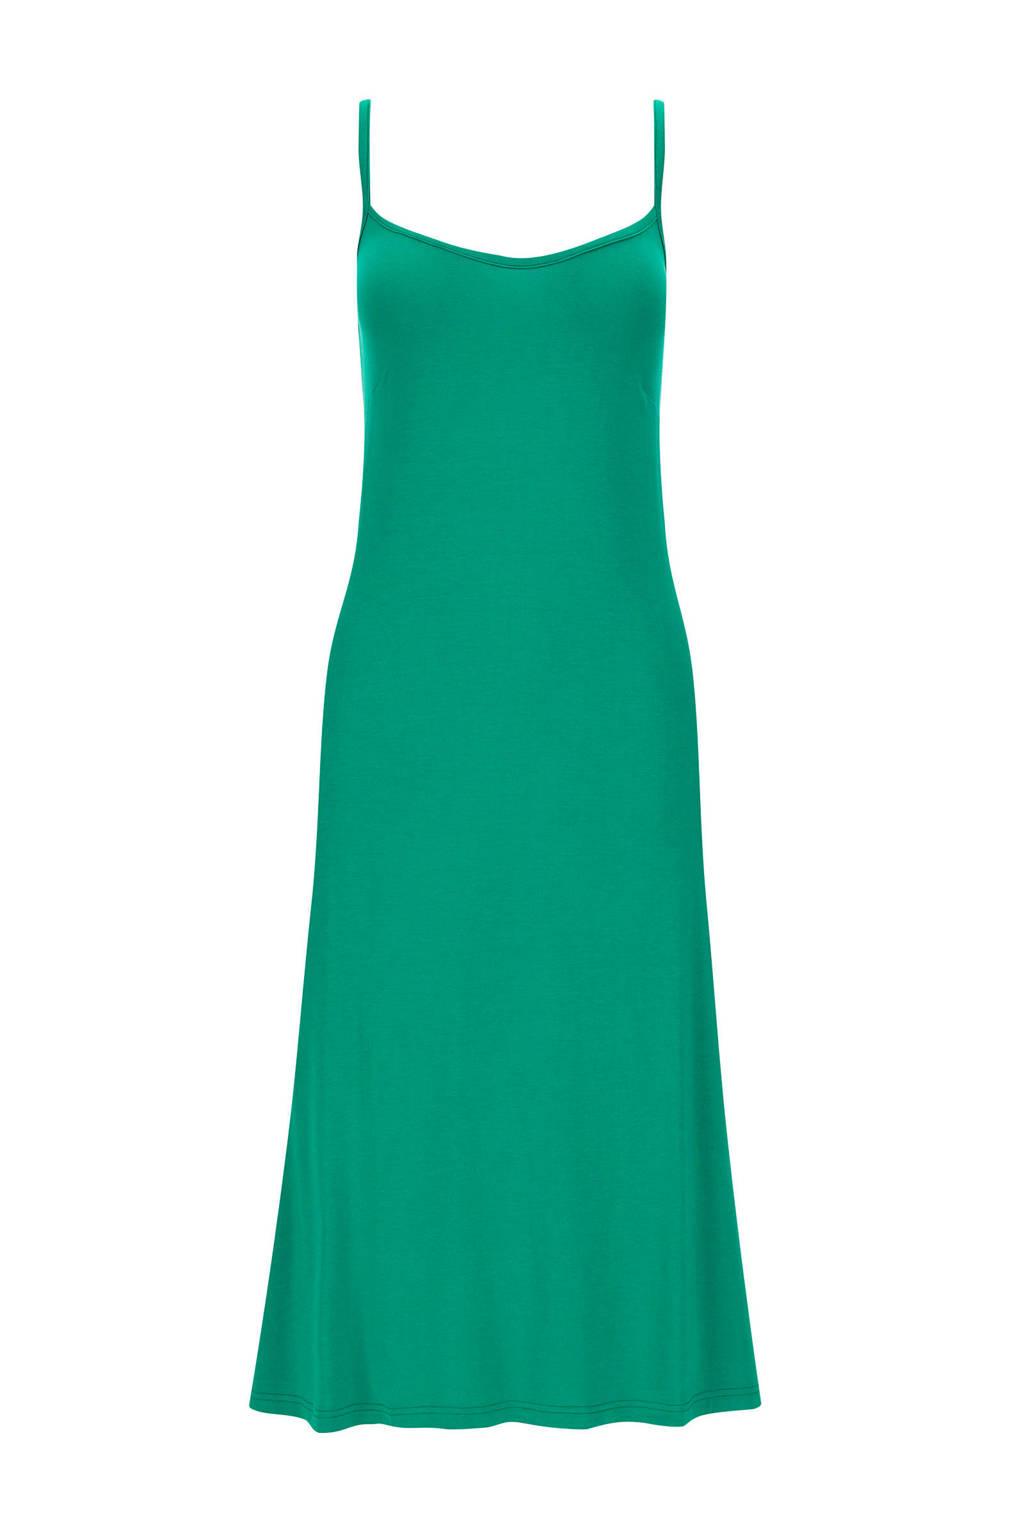 Simply Be Capsule jurk oranje/groen (set van 2), Oranje/groen